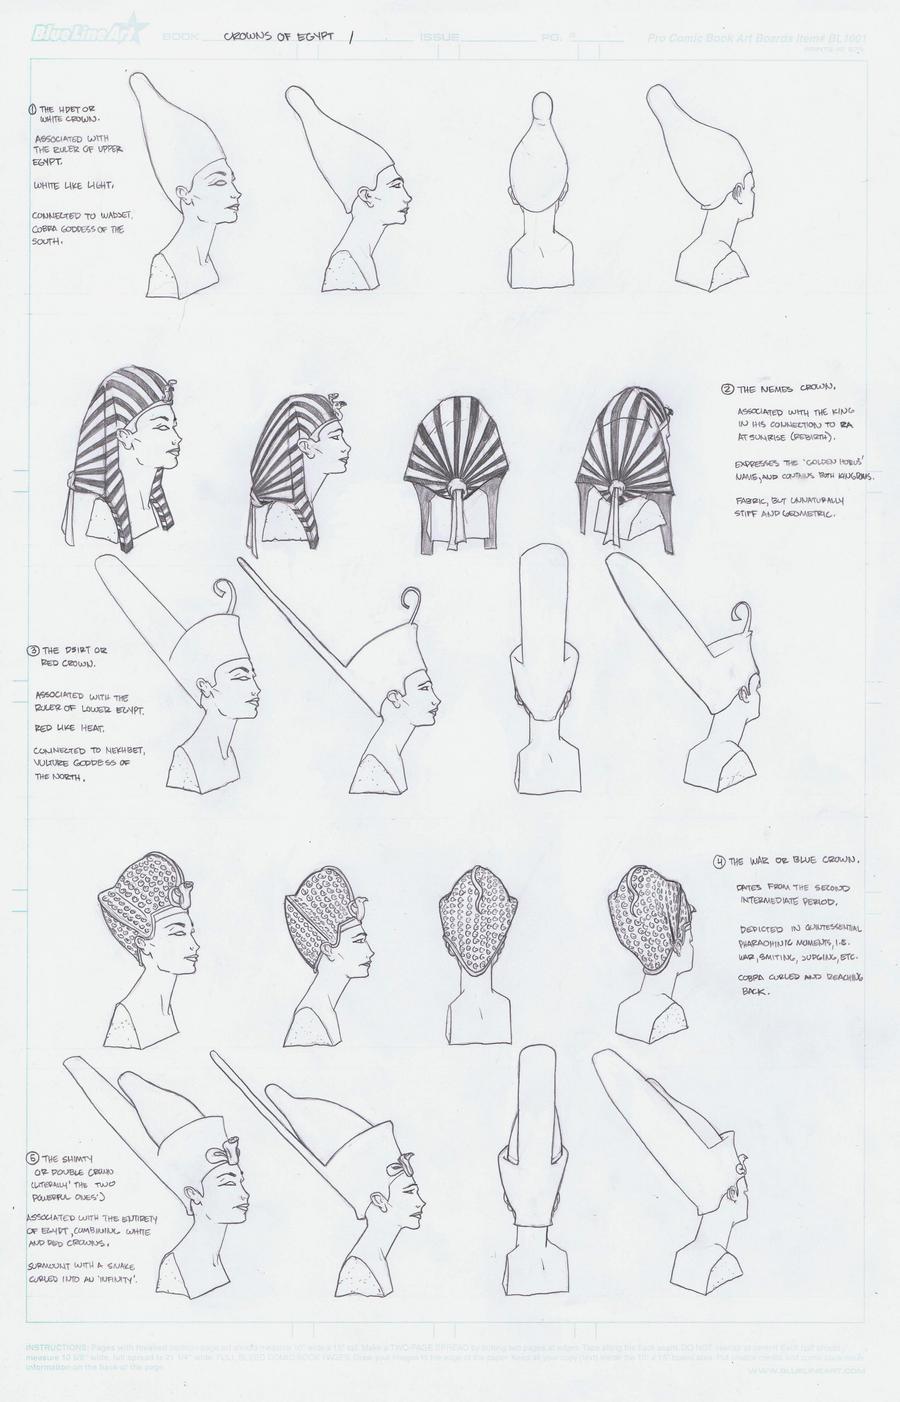 Crowns of Egypt I by AlonsoNunez